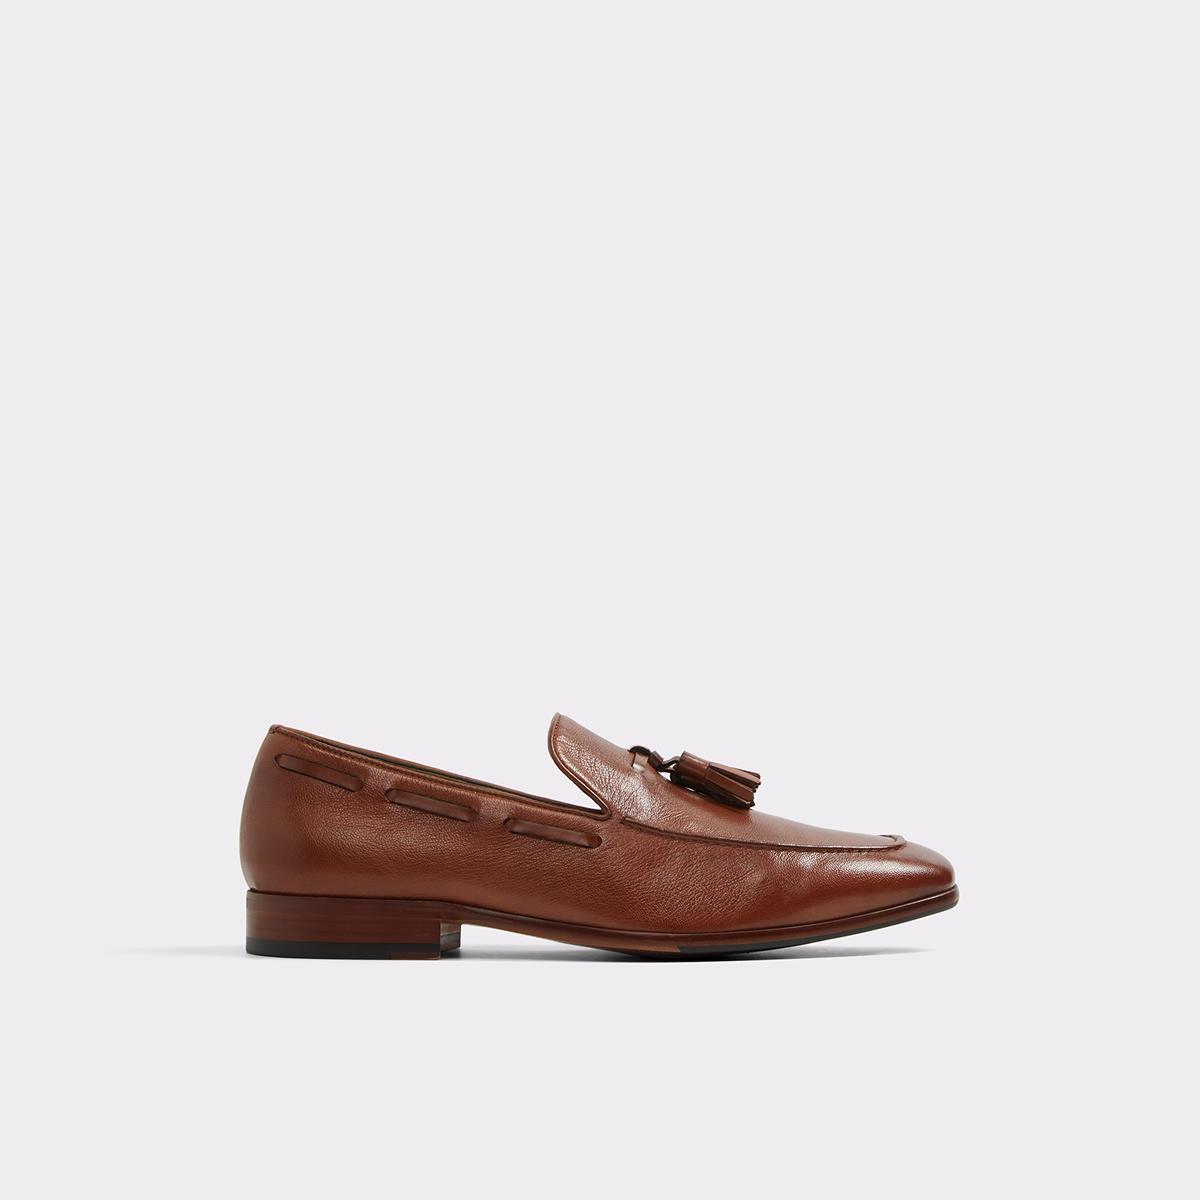 68abcc0ebb9 Aldo shoes